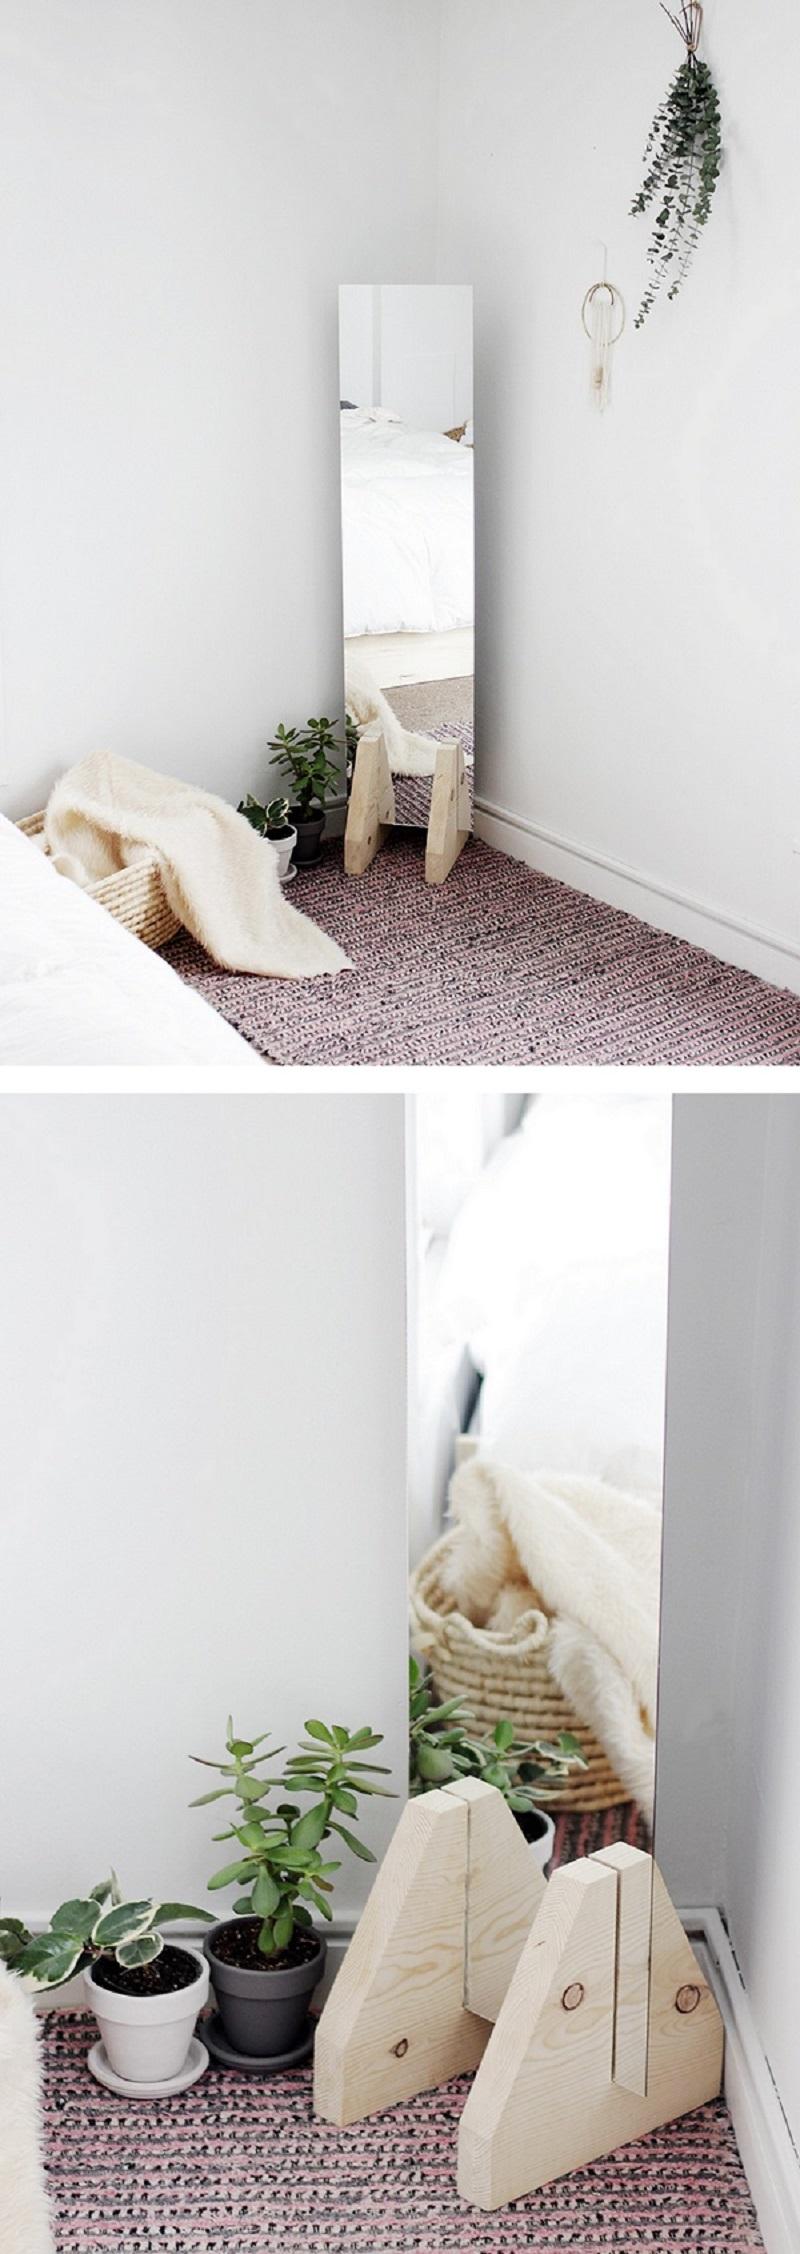 Minimalist floor mirror